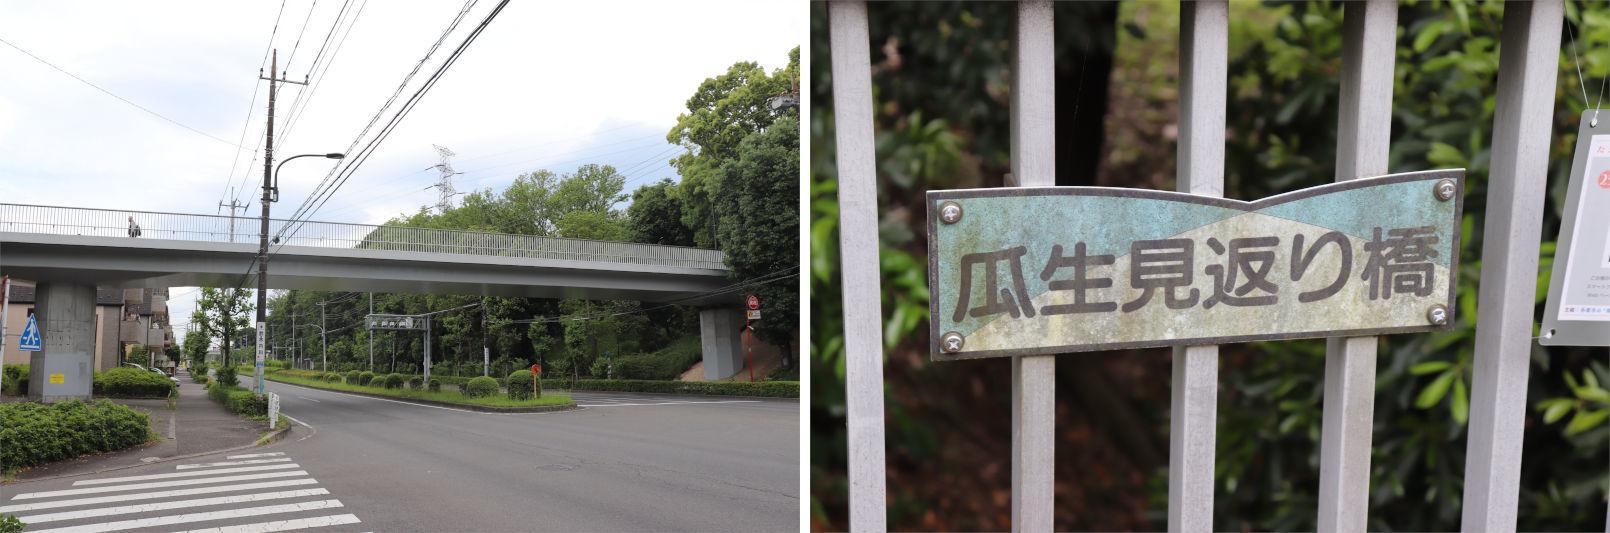 [多摩NTの橋ぜんぶ撮影PJ] No.91~96 卸売市場付近の橋_a0332275_23101725.jpg